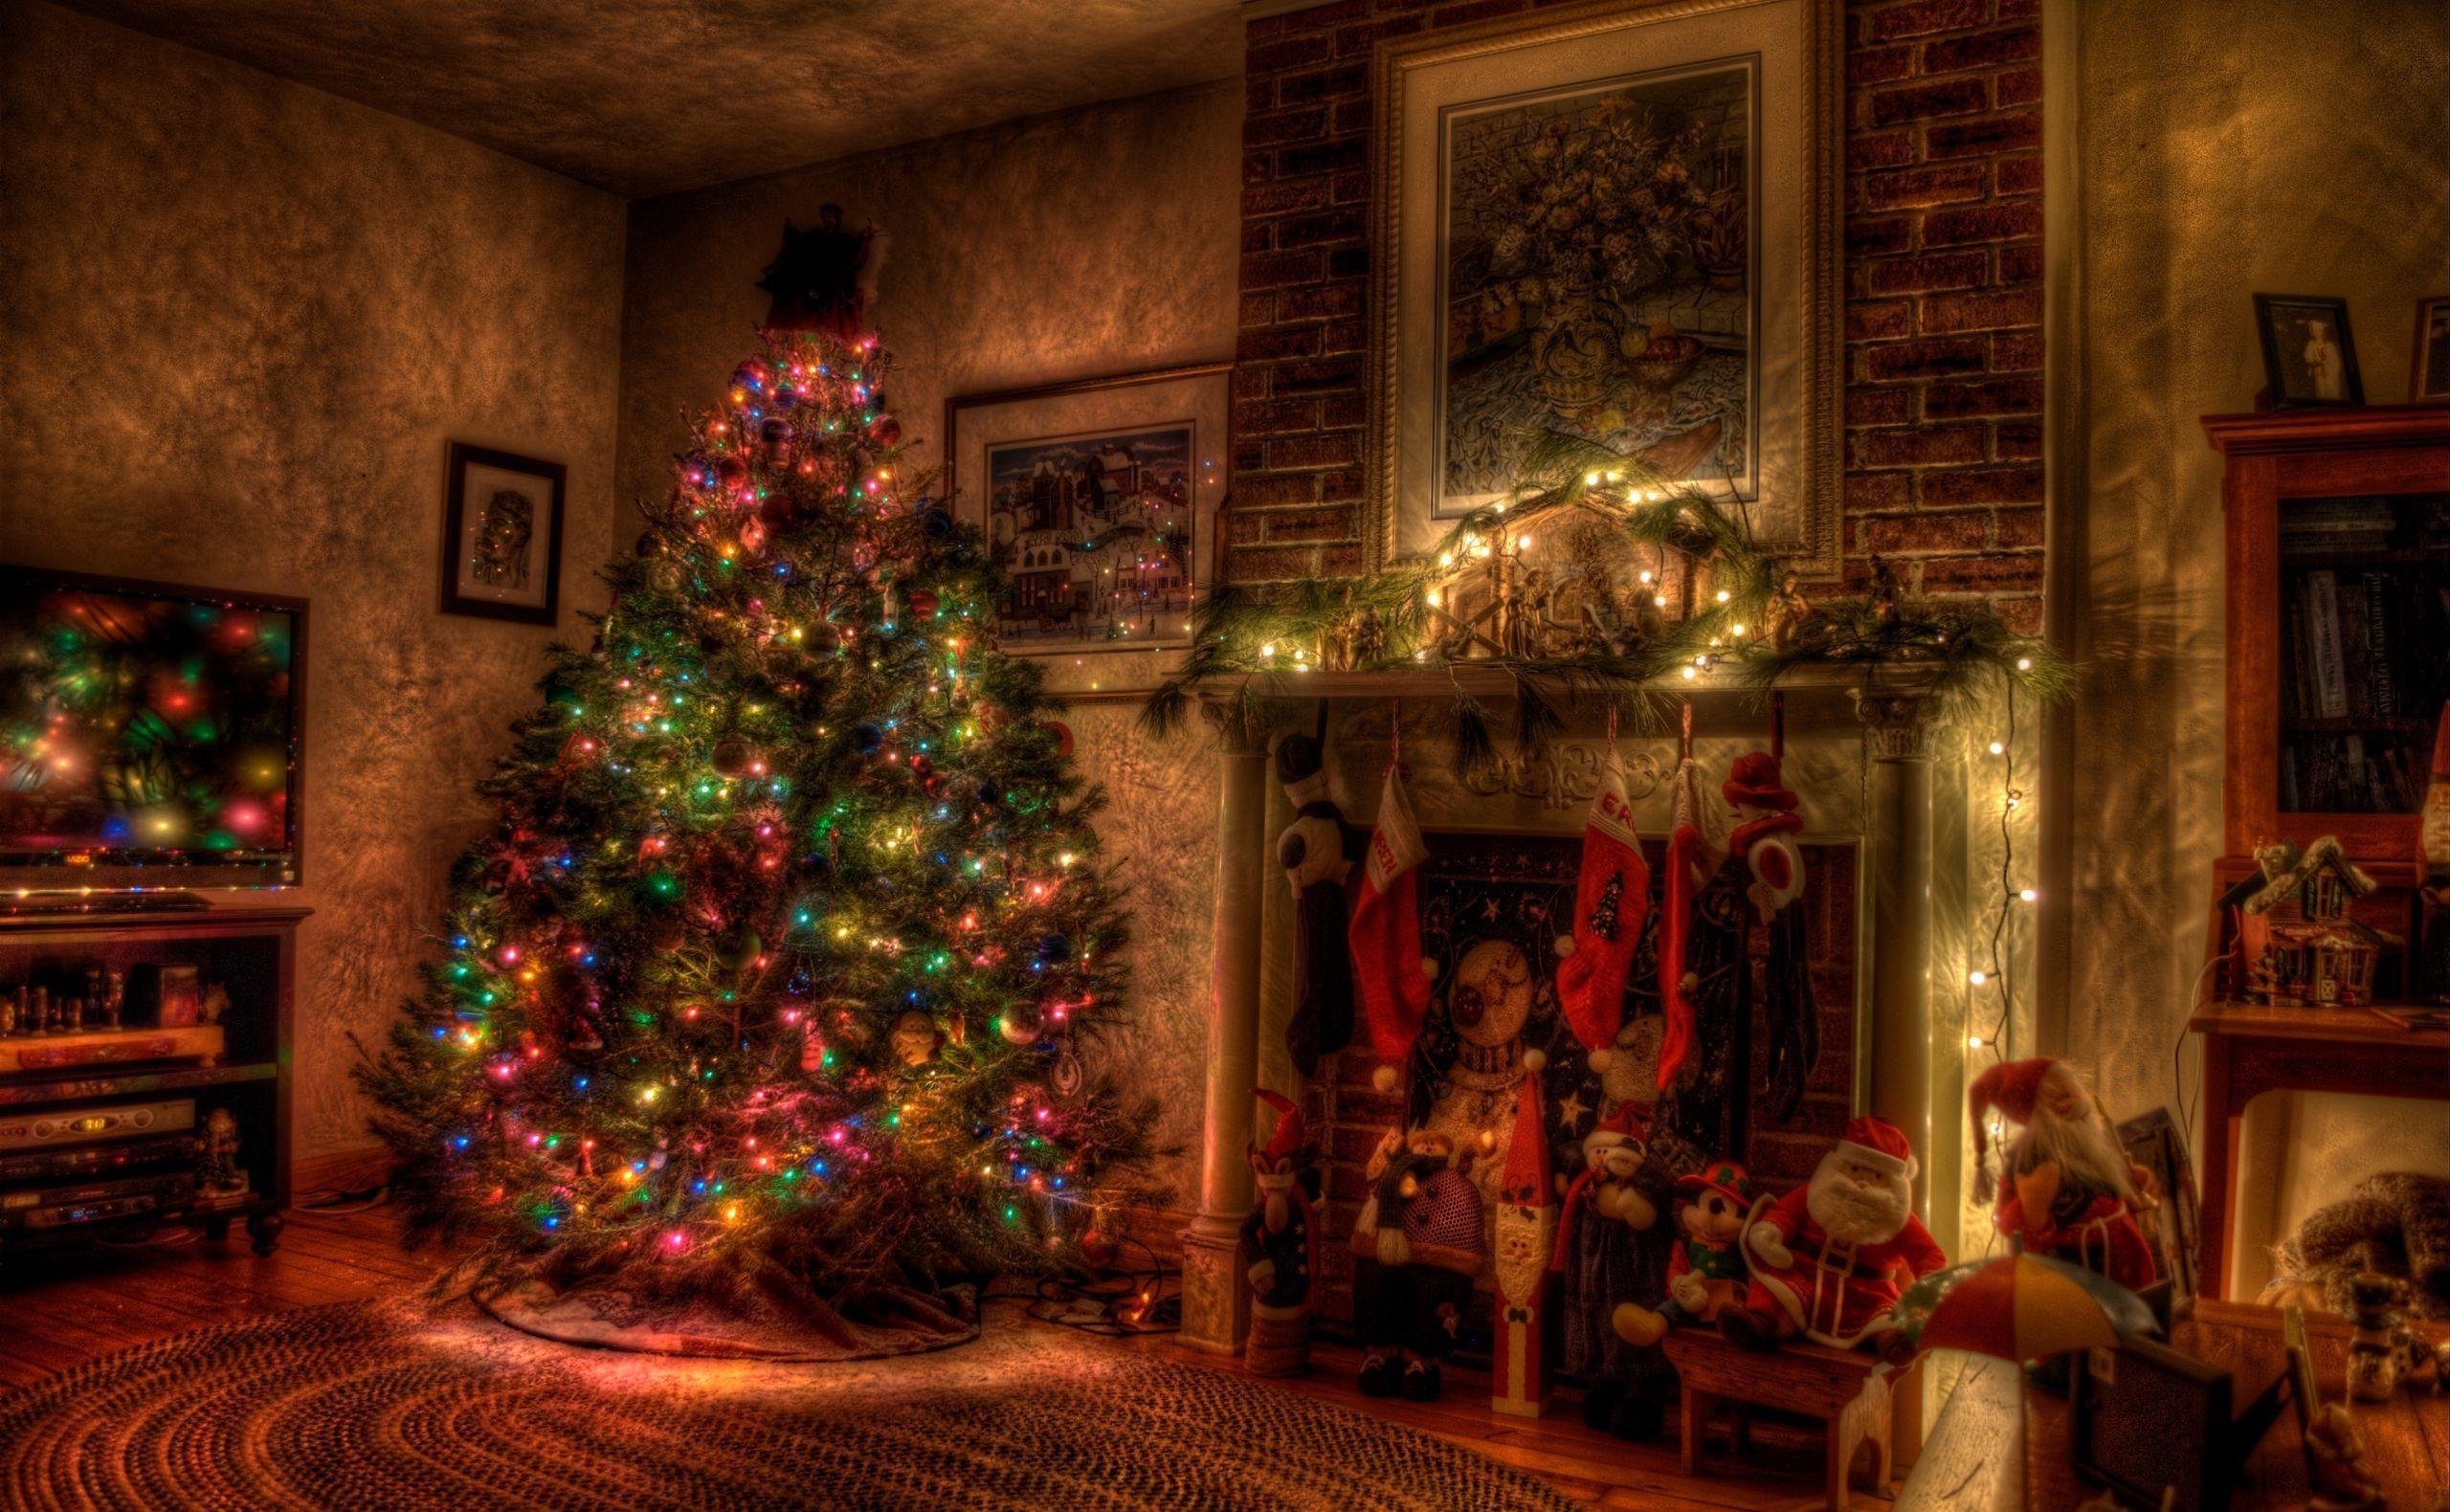 106335 скачать обои Рождество, Праздники, Игрушки, Праздник, Елка, Гирлянды, Камин, Чулки - заставки и картинки бесплатно